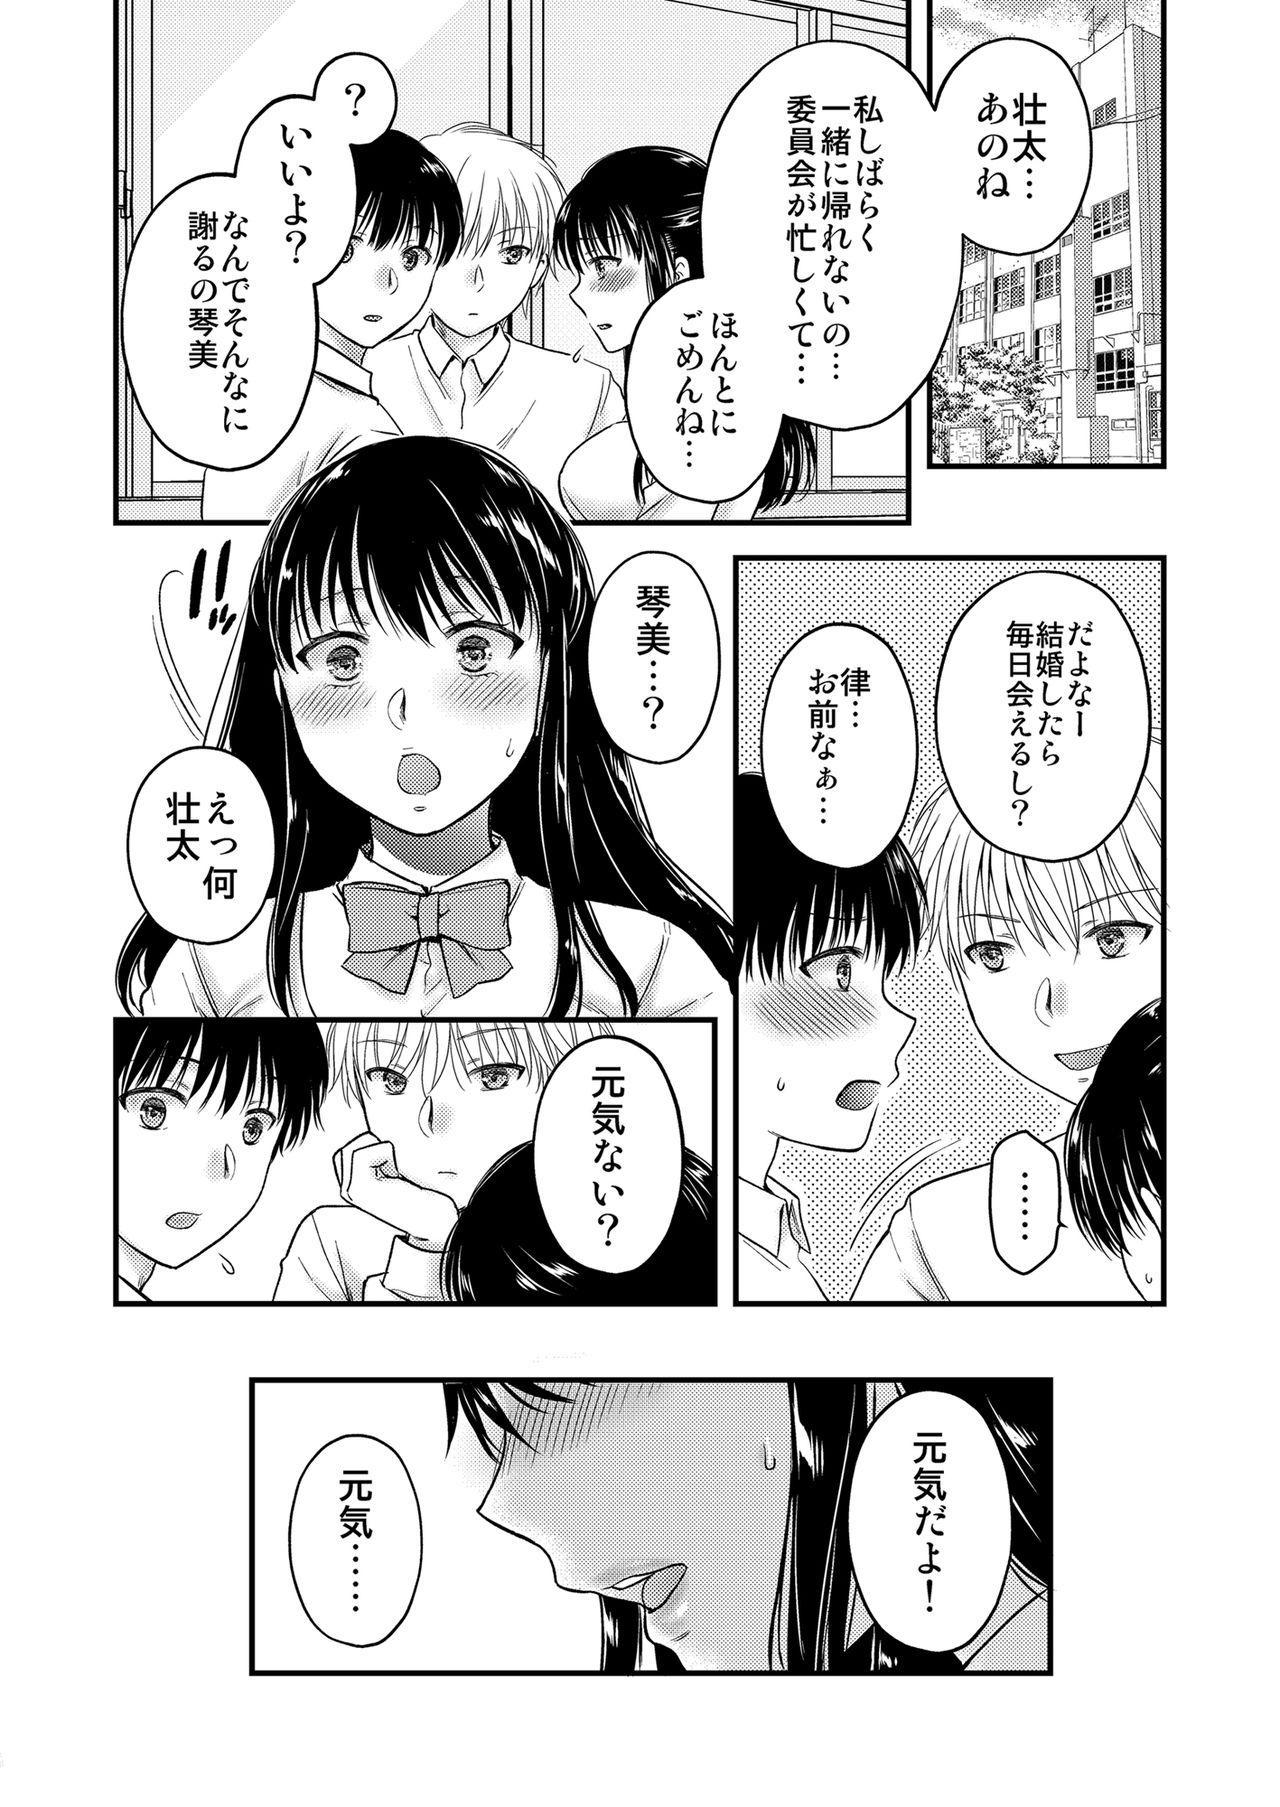 Anata no Shinyuu ni Dakarete 2 5